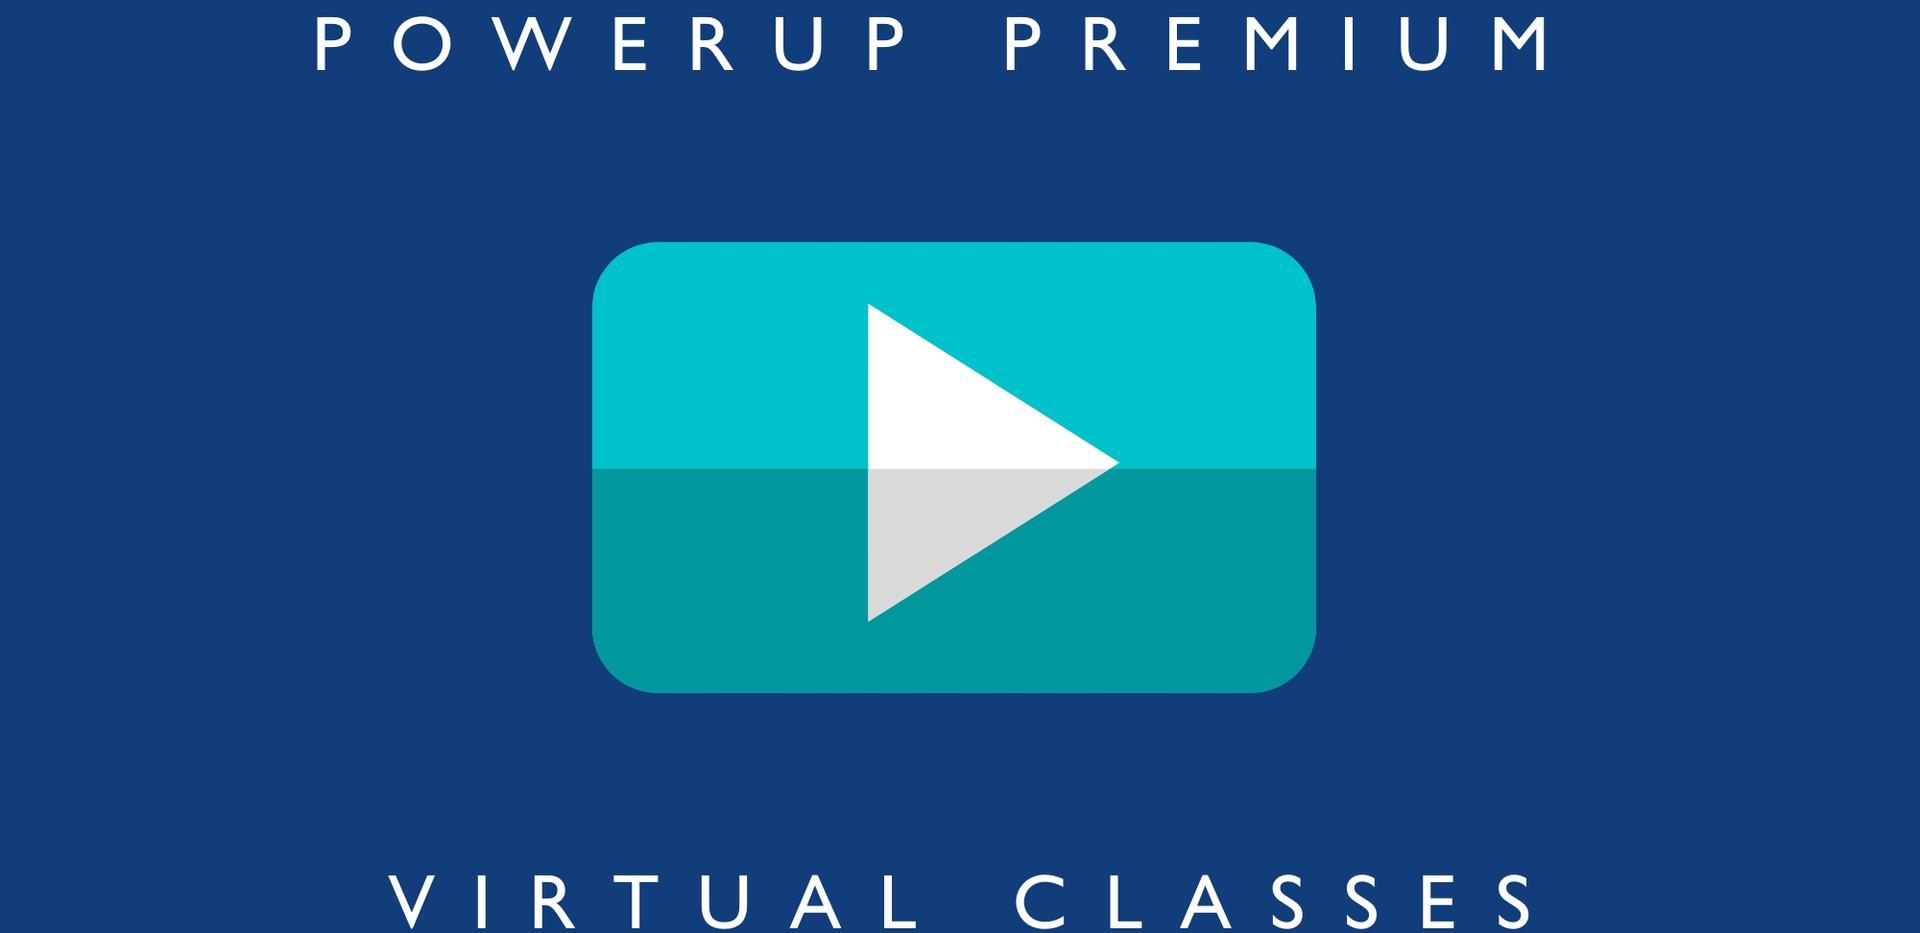 PowerUp Premium Virtual Classes